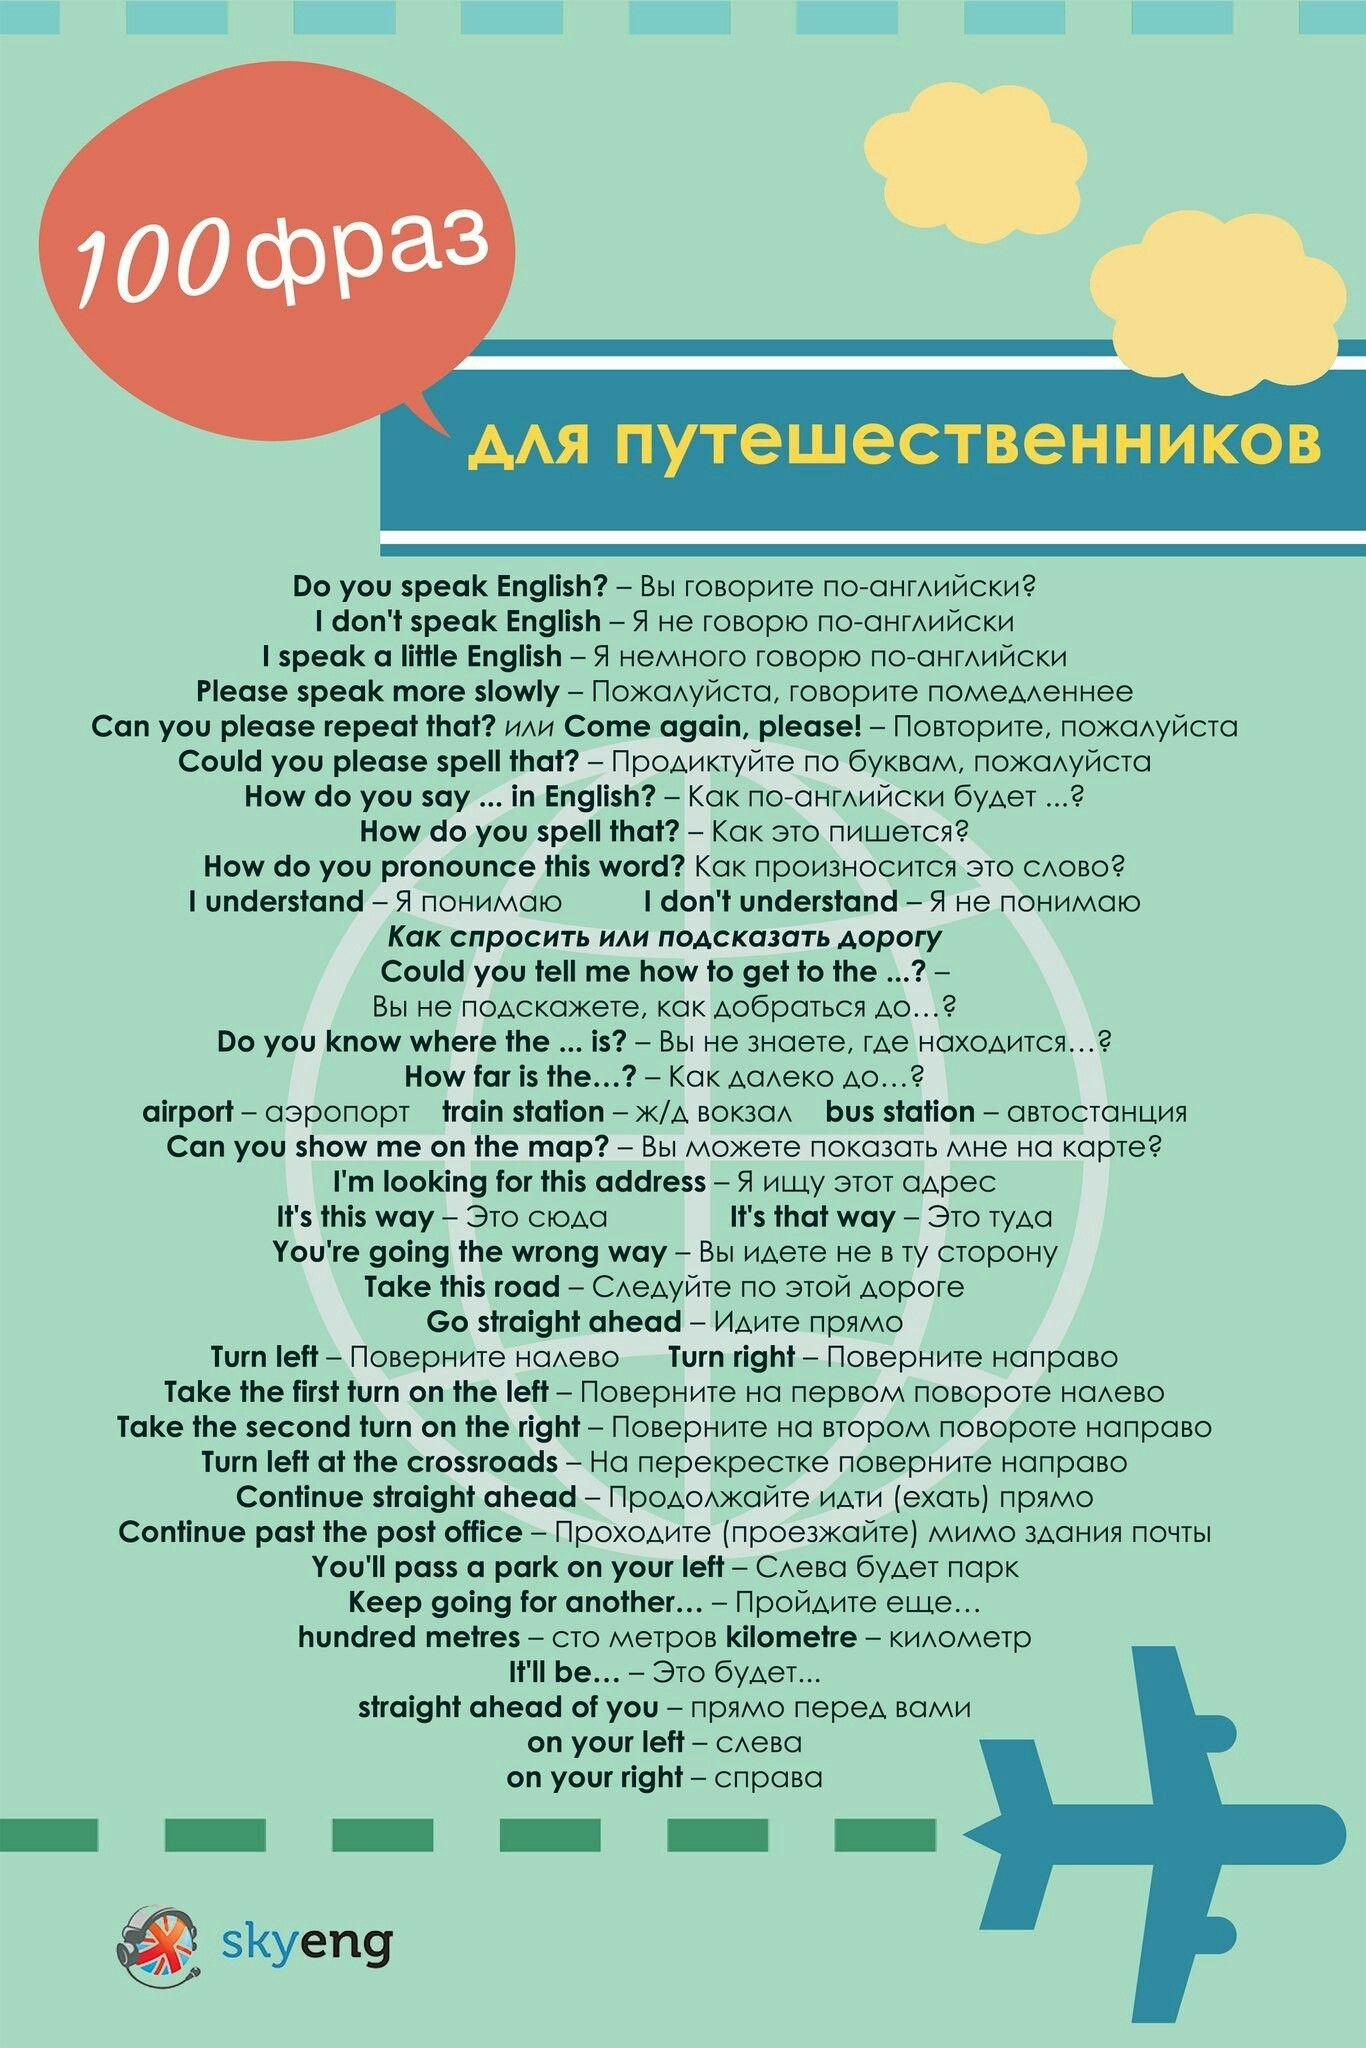 Фразы для туристов (с изображениями) | Английский, Изучать ...